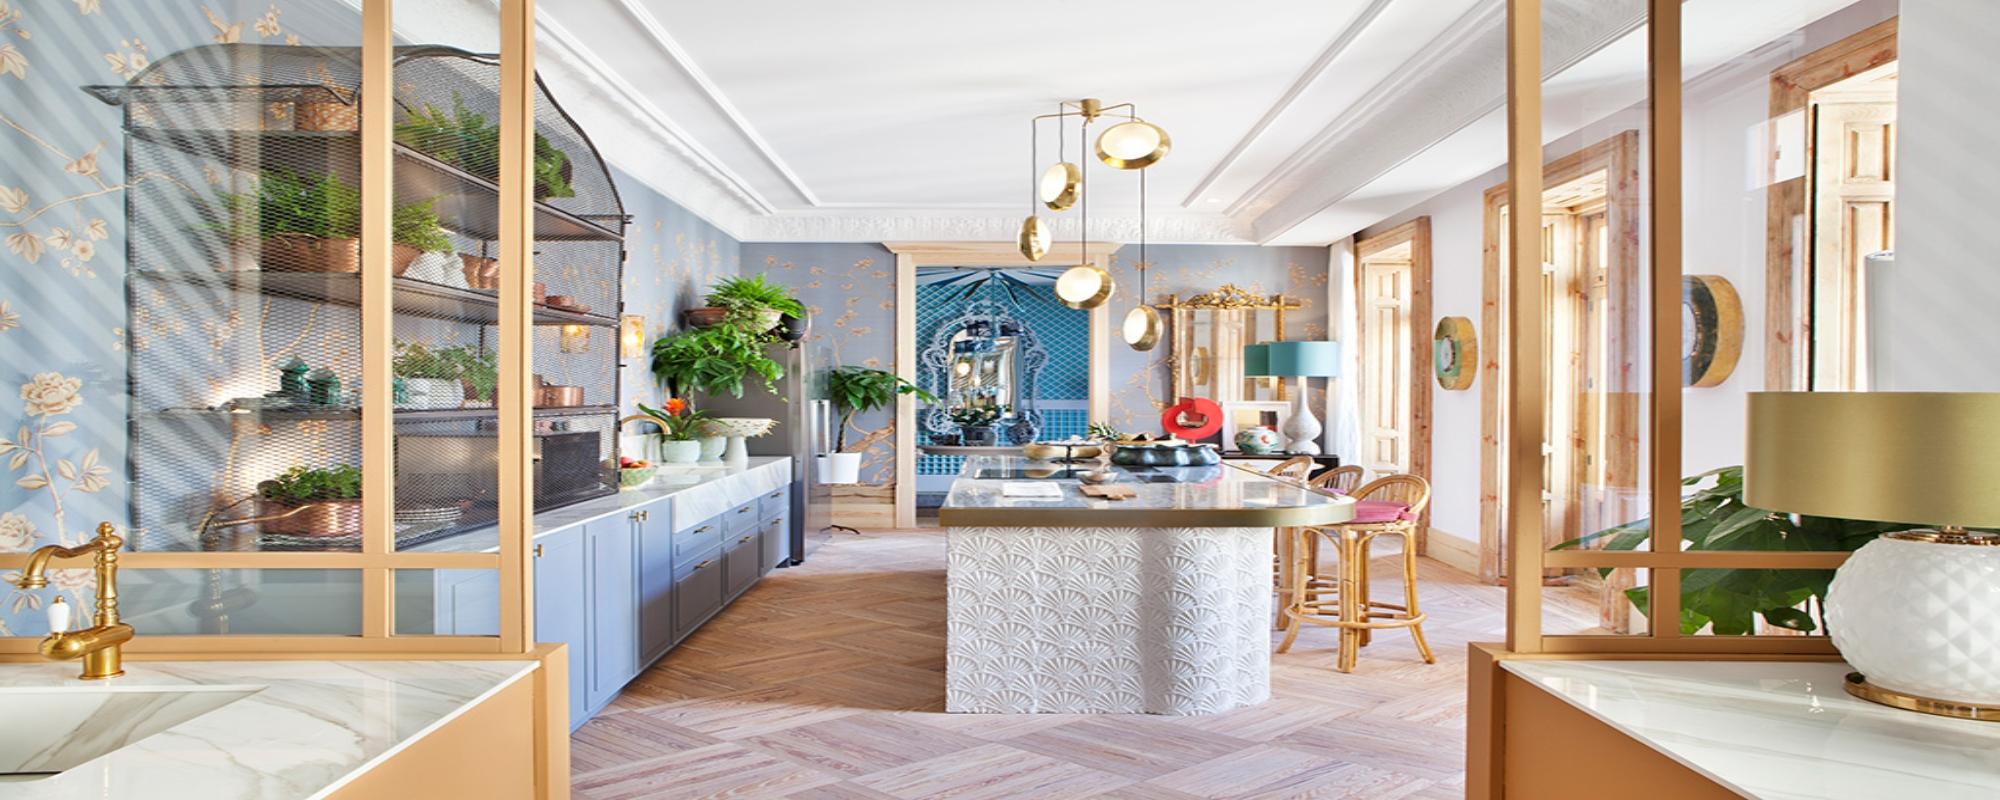 Top Interiorista: Beatriz Silveira una diseñadora lujuosa y elegante top interiorista Top Interiorista: Beatriz Silveira una diseñadora lujuosa y elegante Featured 18